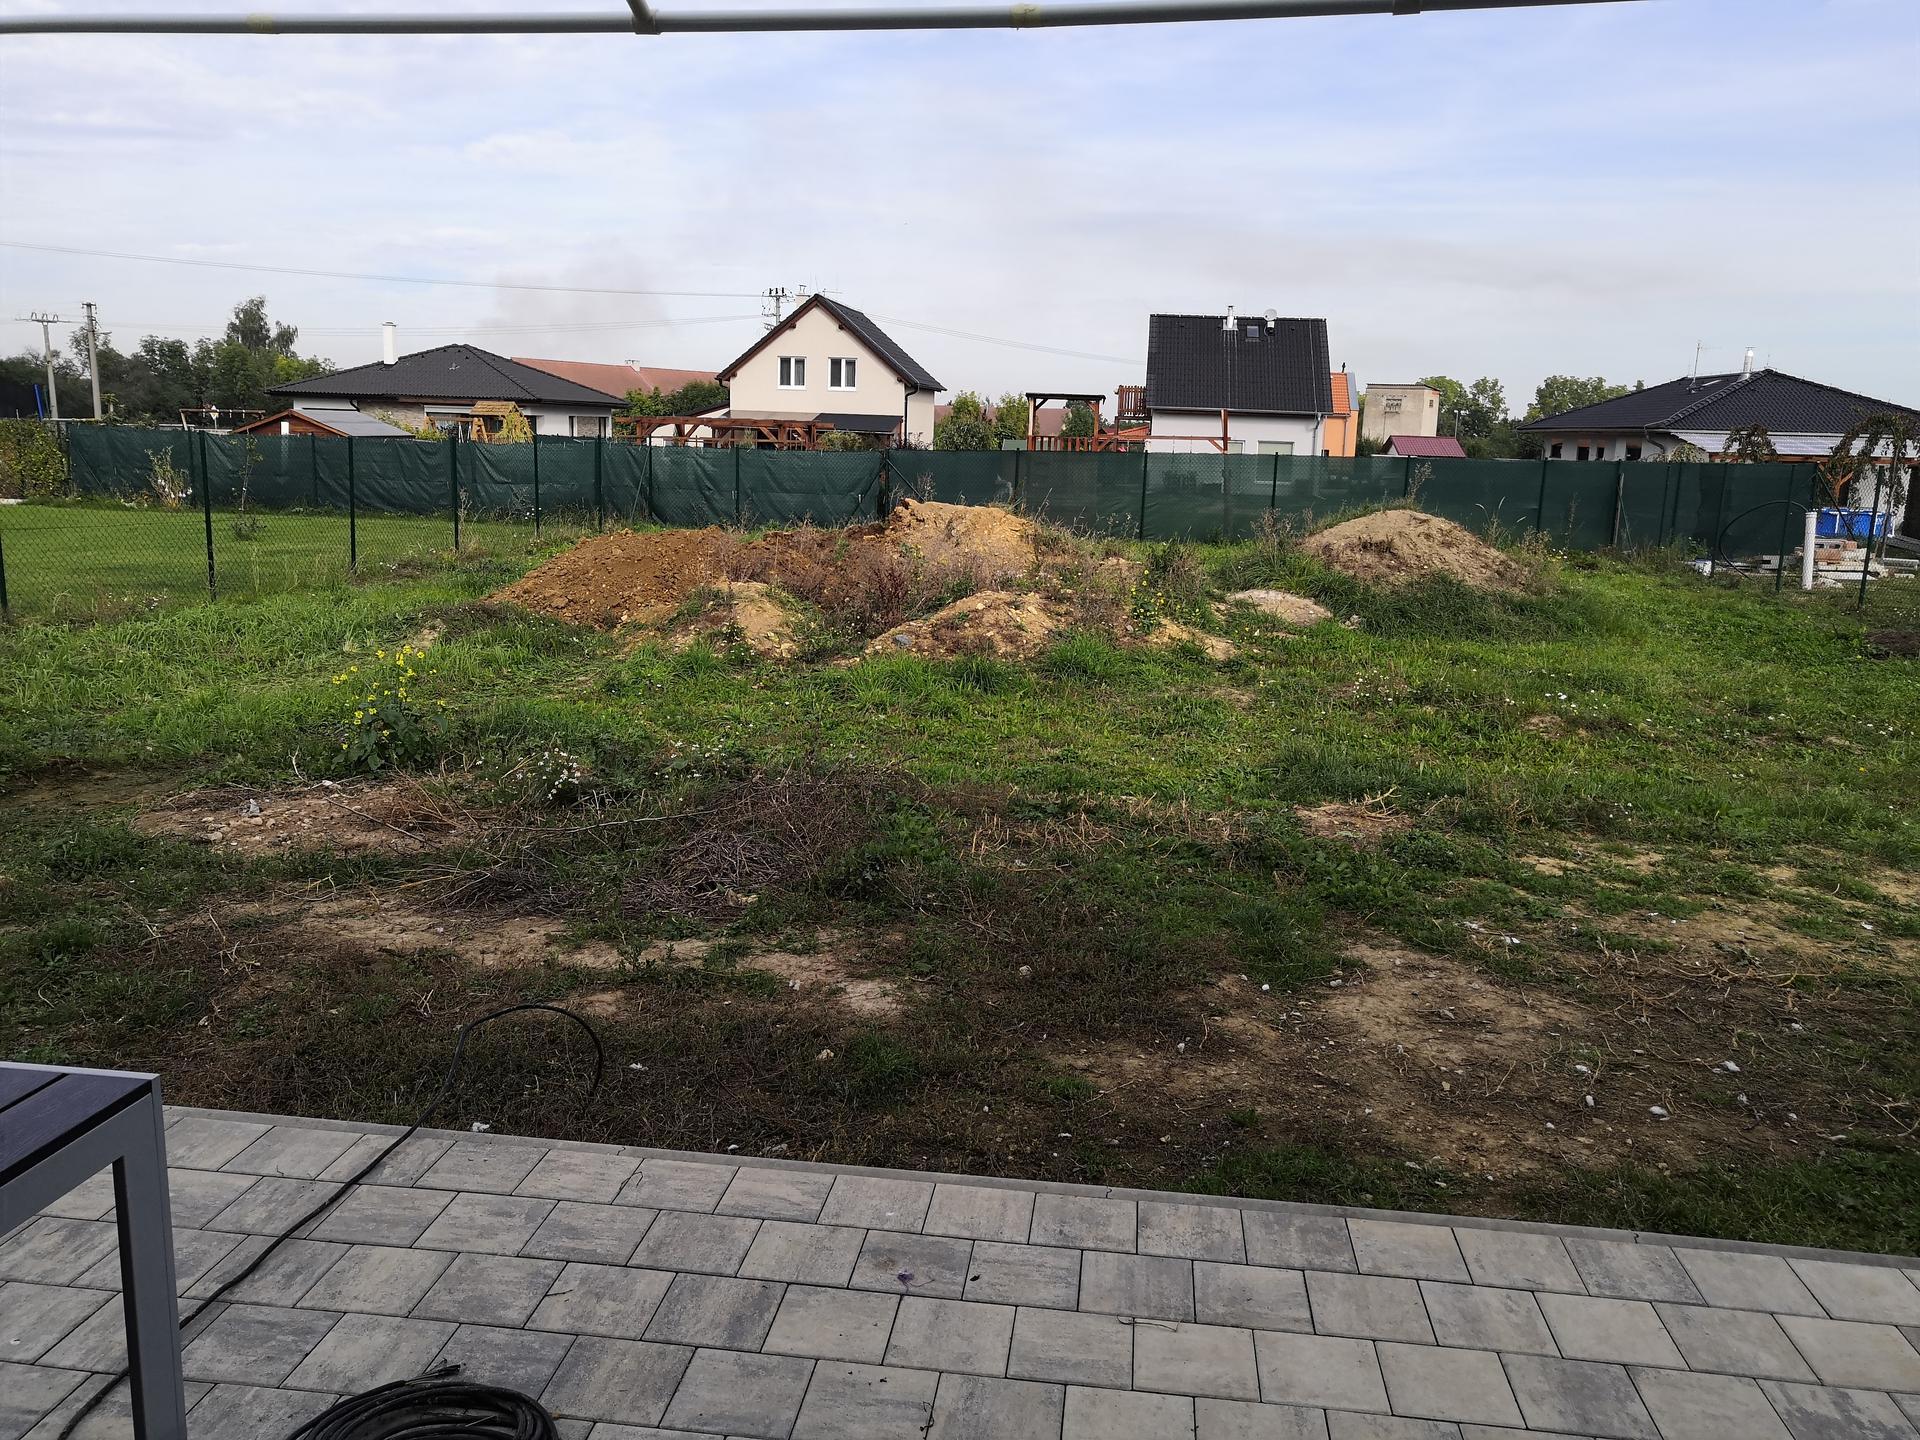 Zahrada na klíč - Stav před úpravou terénu a kopáním jámy na budoucí koupací jezírko.